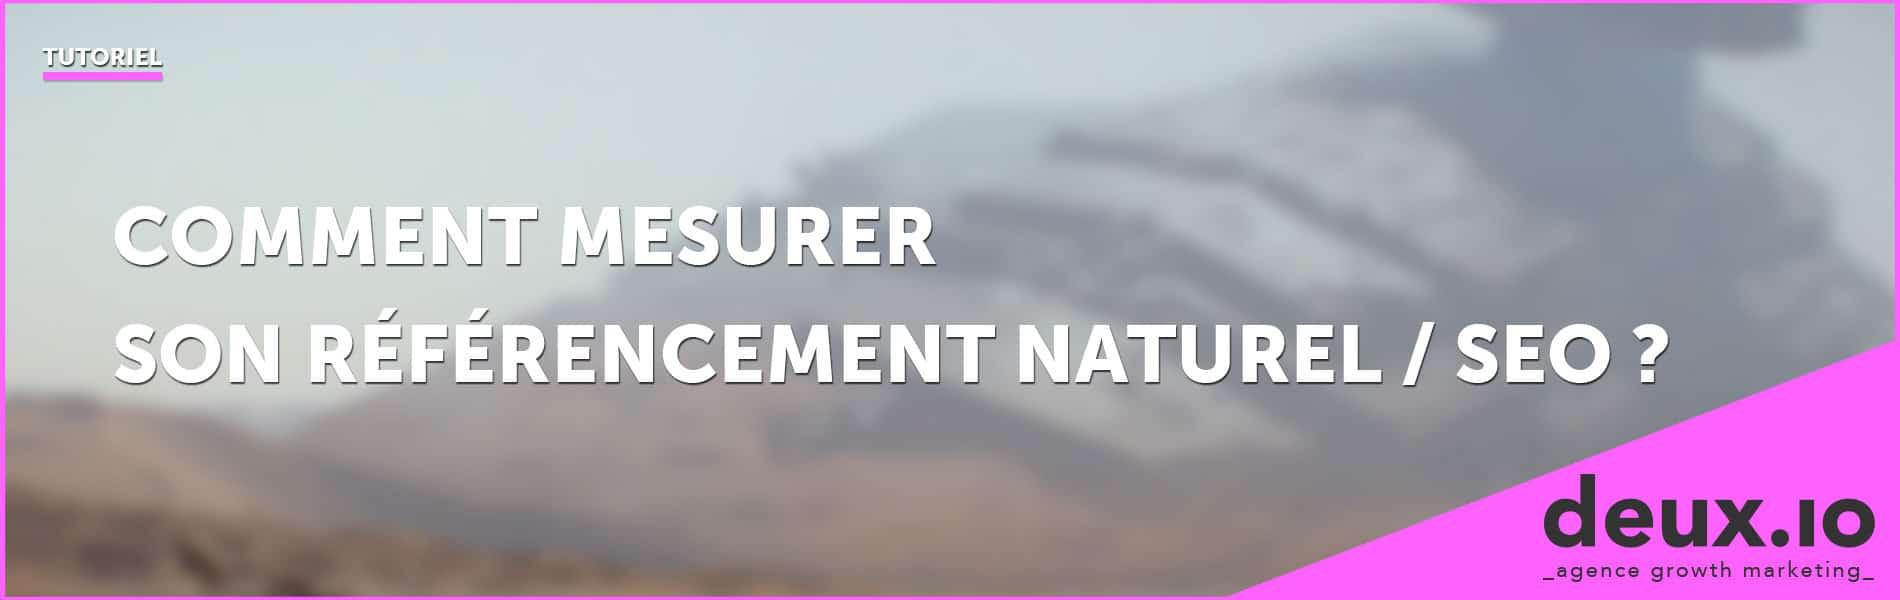 comment mesurer son référencement naturel seo